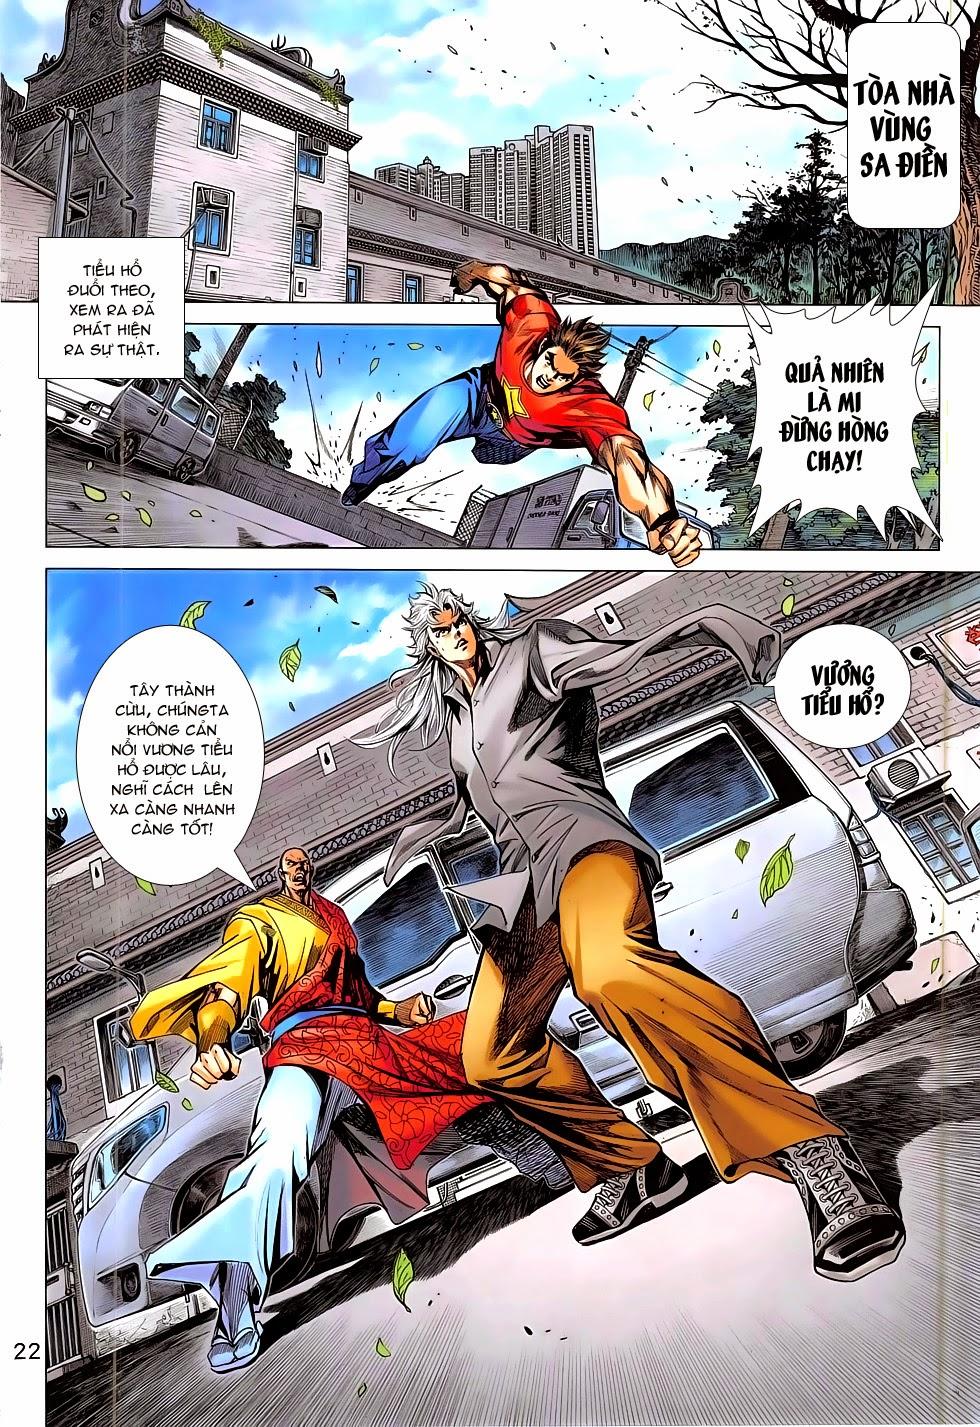 Tân Tác Long Hổ Môn chap 781 Trang 22 - Mangak.info